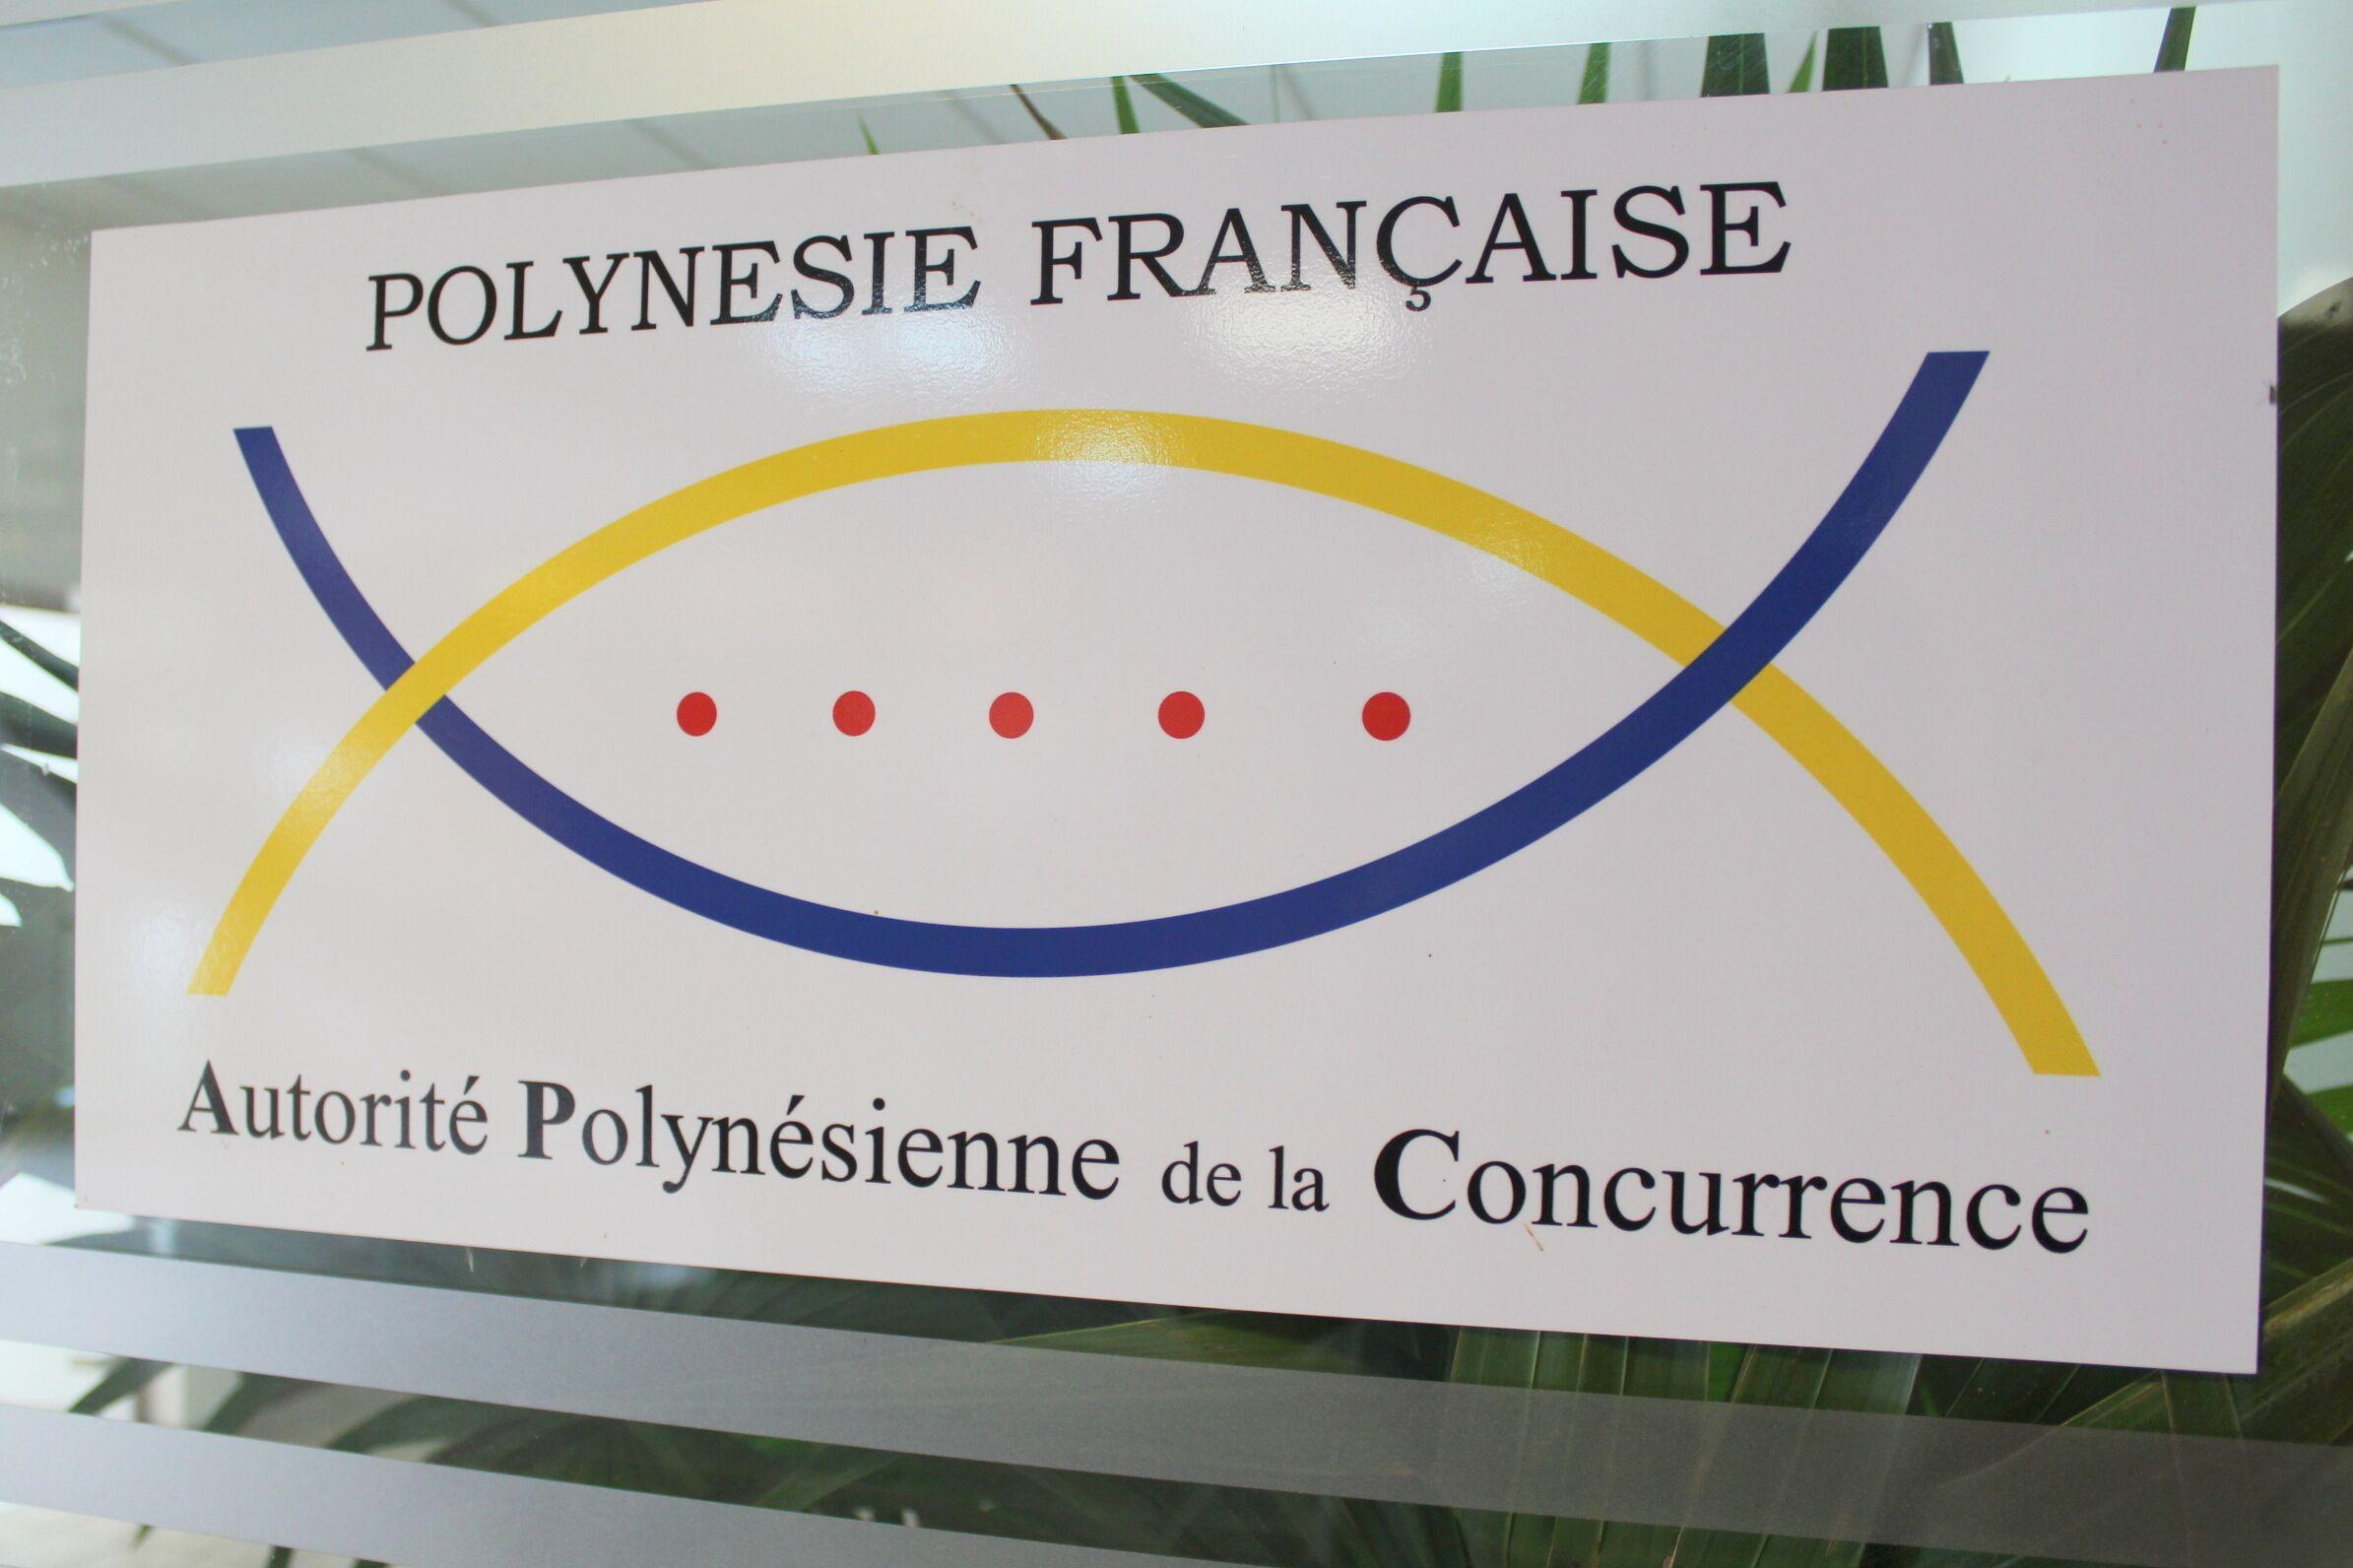 """La """"suspicion légitime"""" autorisée pour l'autorité polynésienne de la concurrence"""